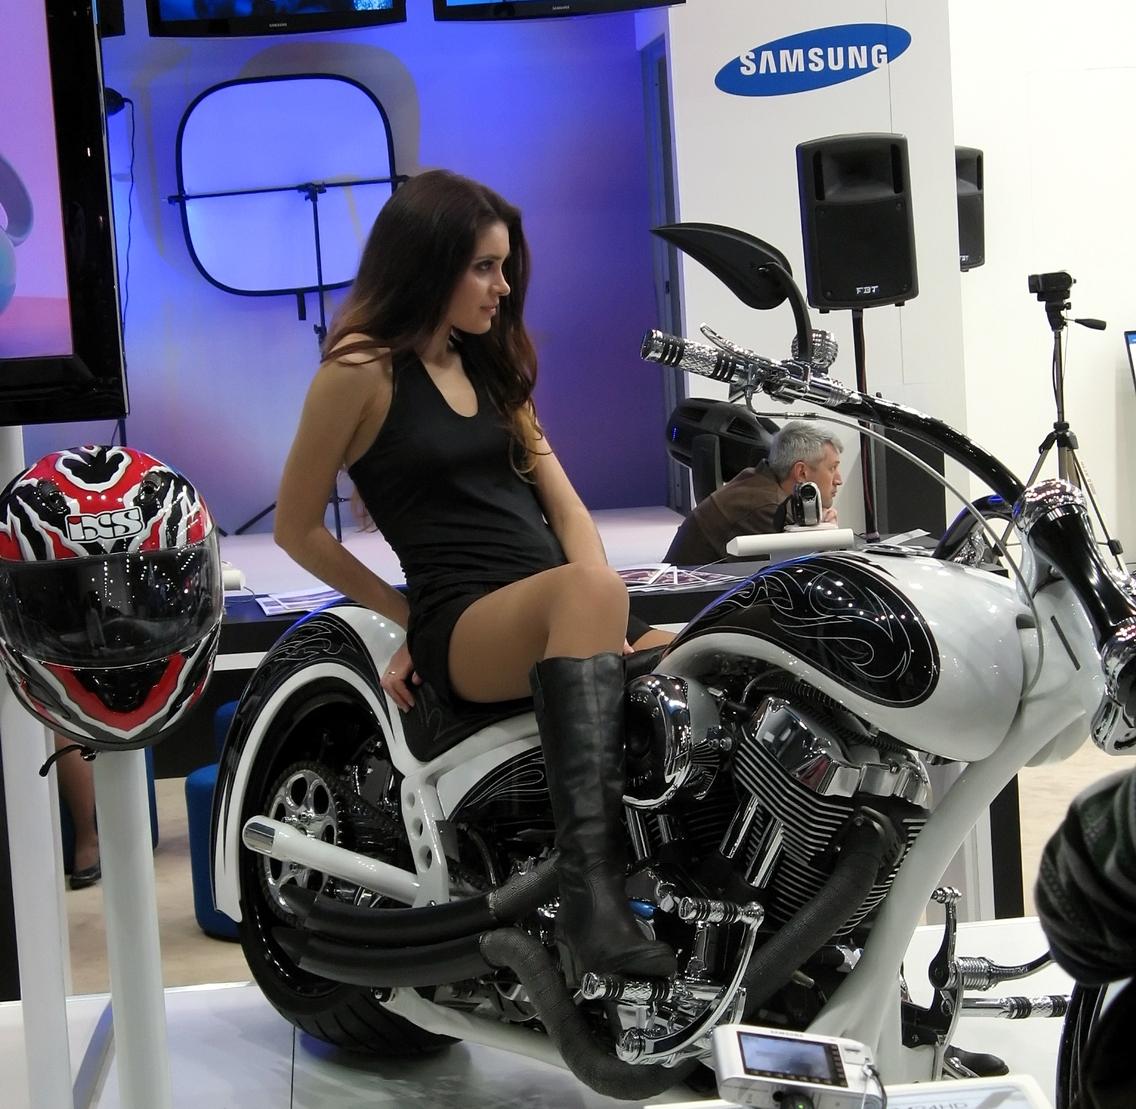 Moscow Brunette Model On Motor Bike